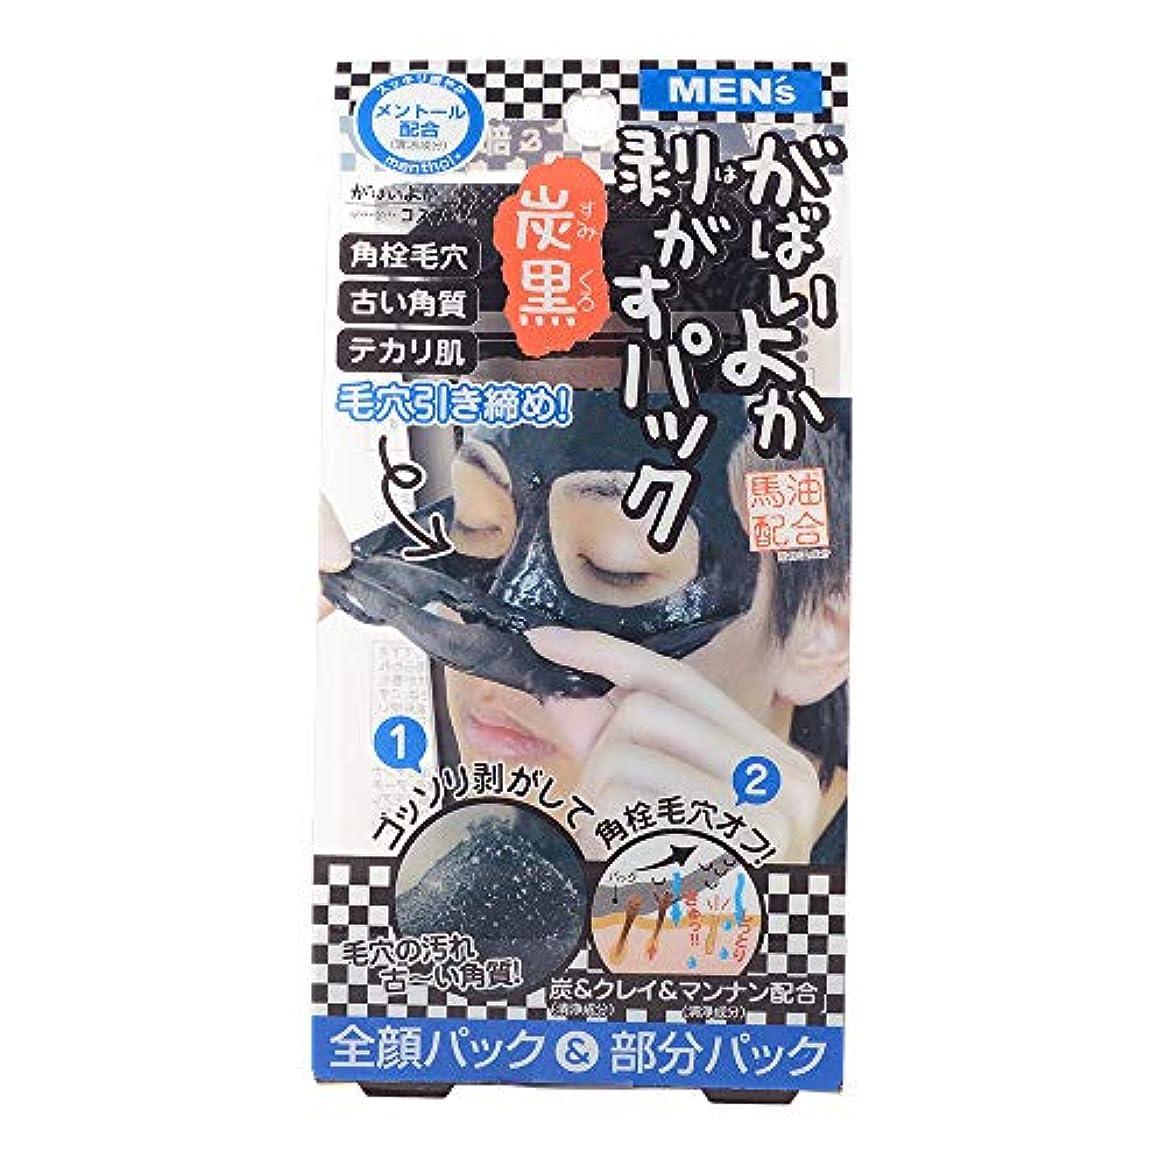 ウィザード登るコメントがばいよかコスメ メンズ 剥がすパック 炭黒 (90g)